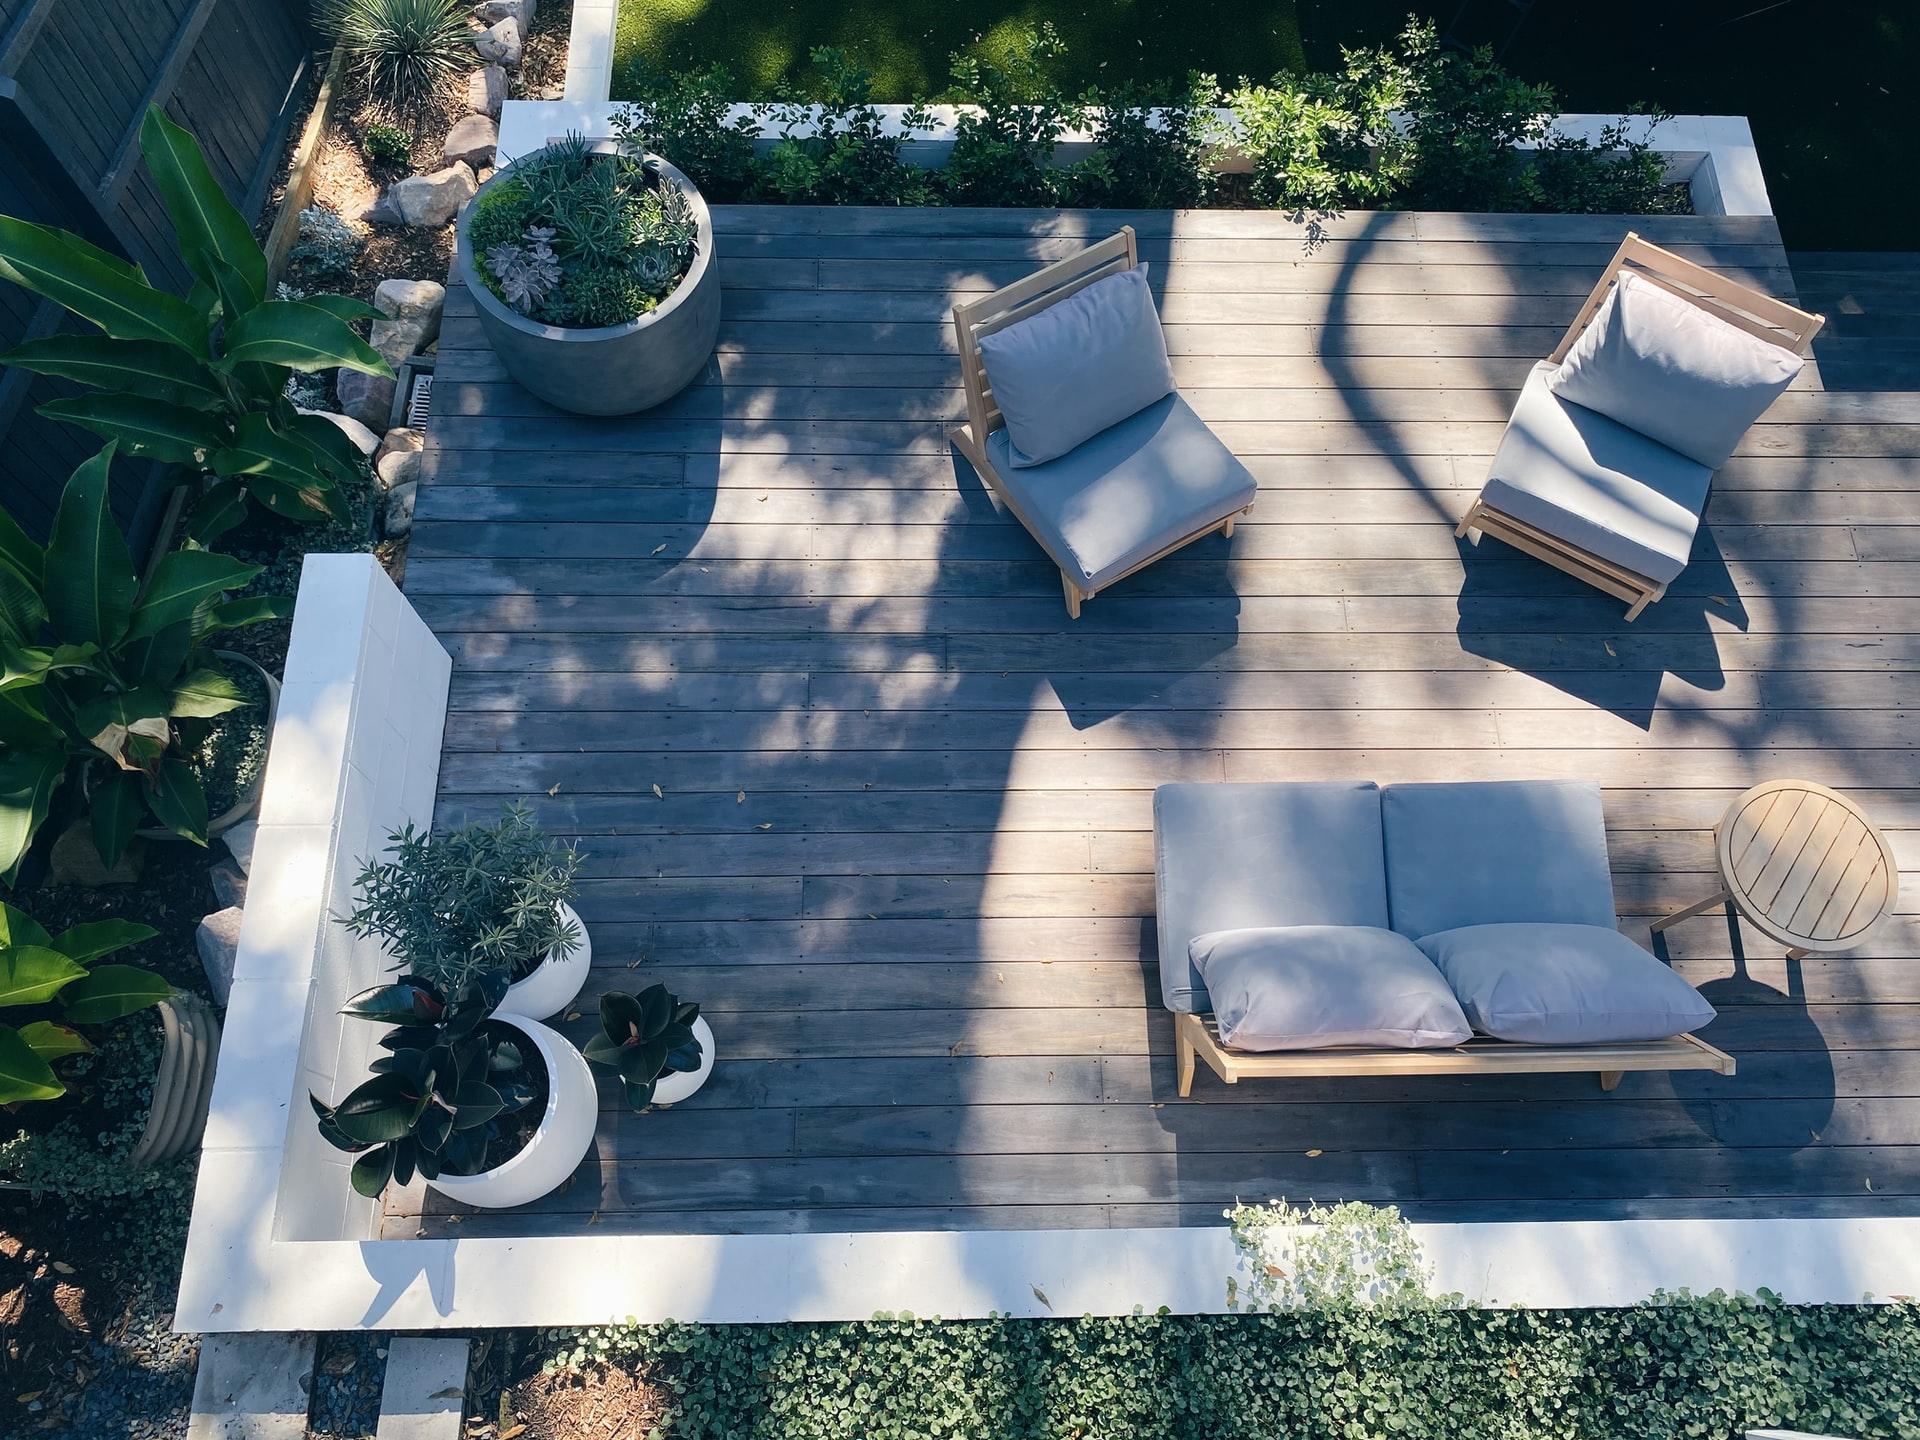 hardwood for making backyard decks